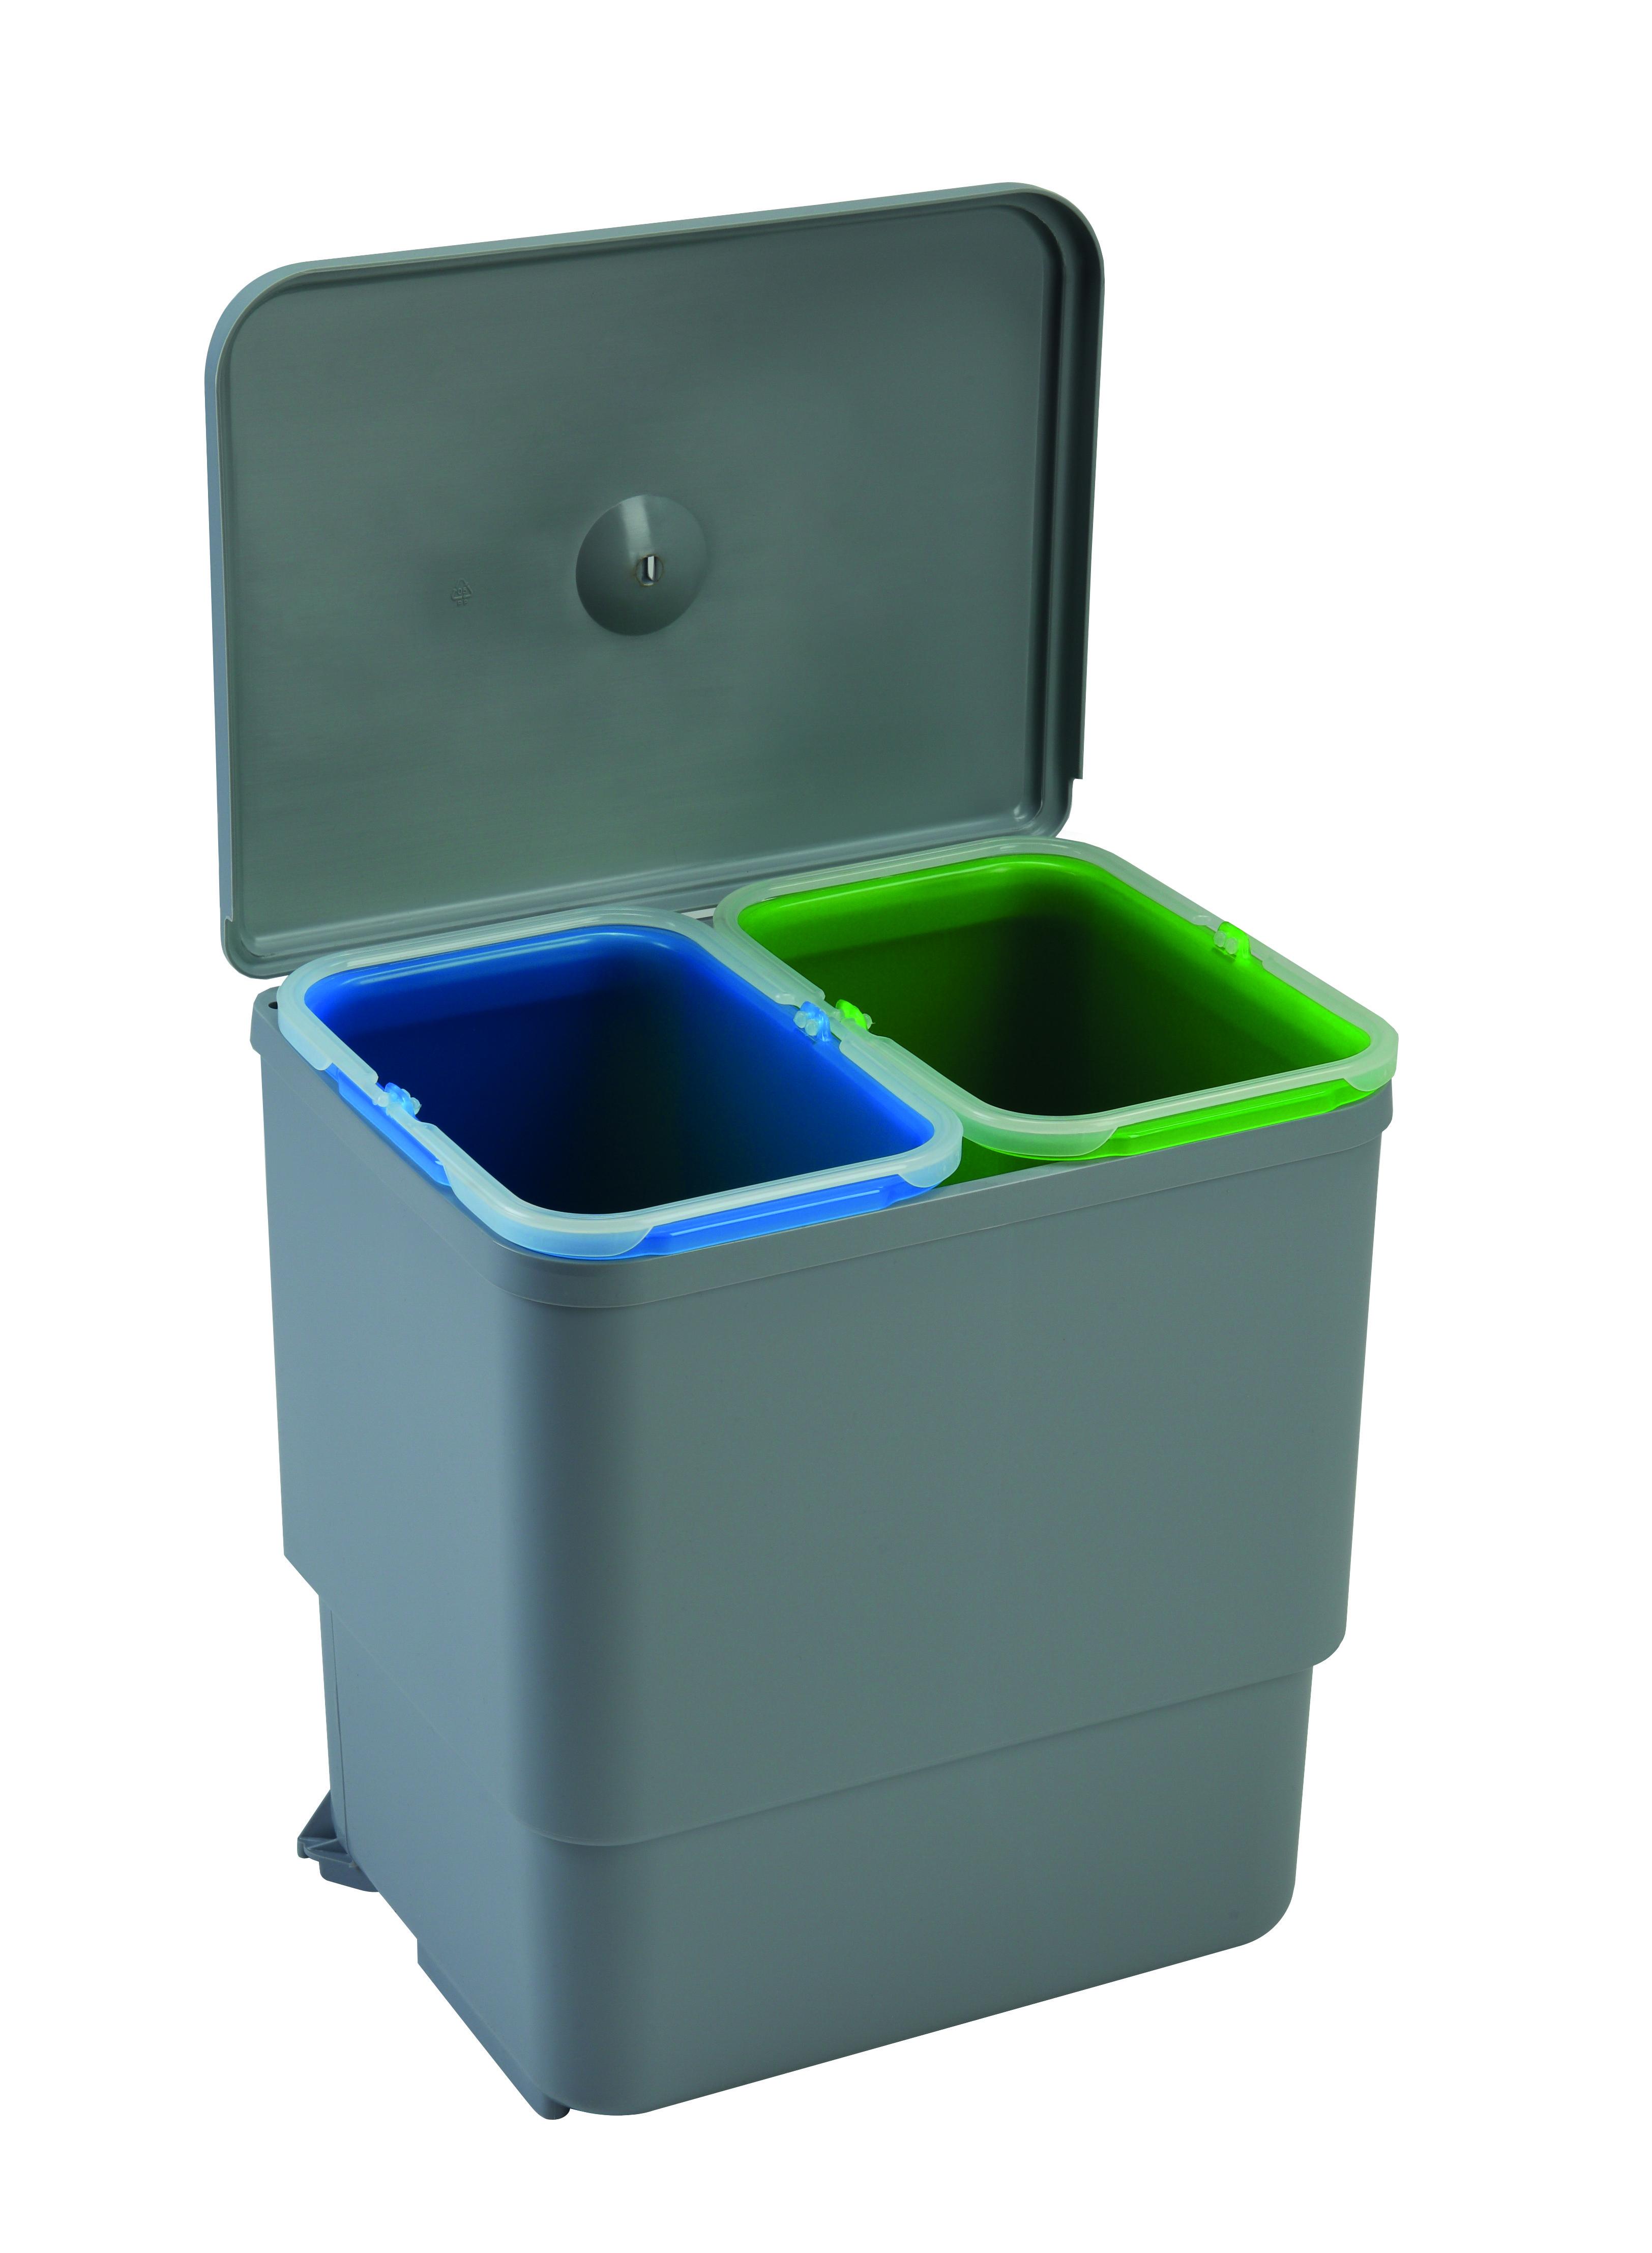 Abfallsammler Mülleimer 2-fach Mülltrennsystem Abfalleimer 45 cm Schrankbreite